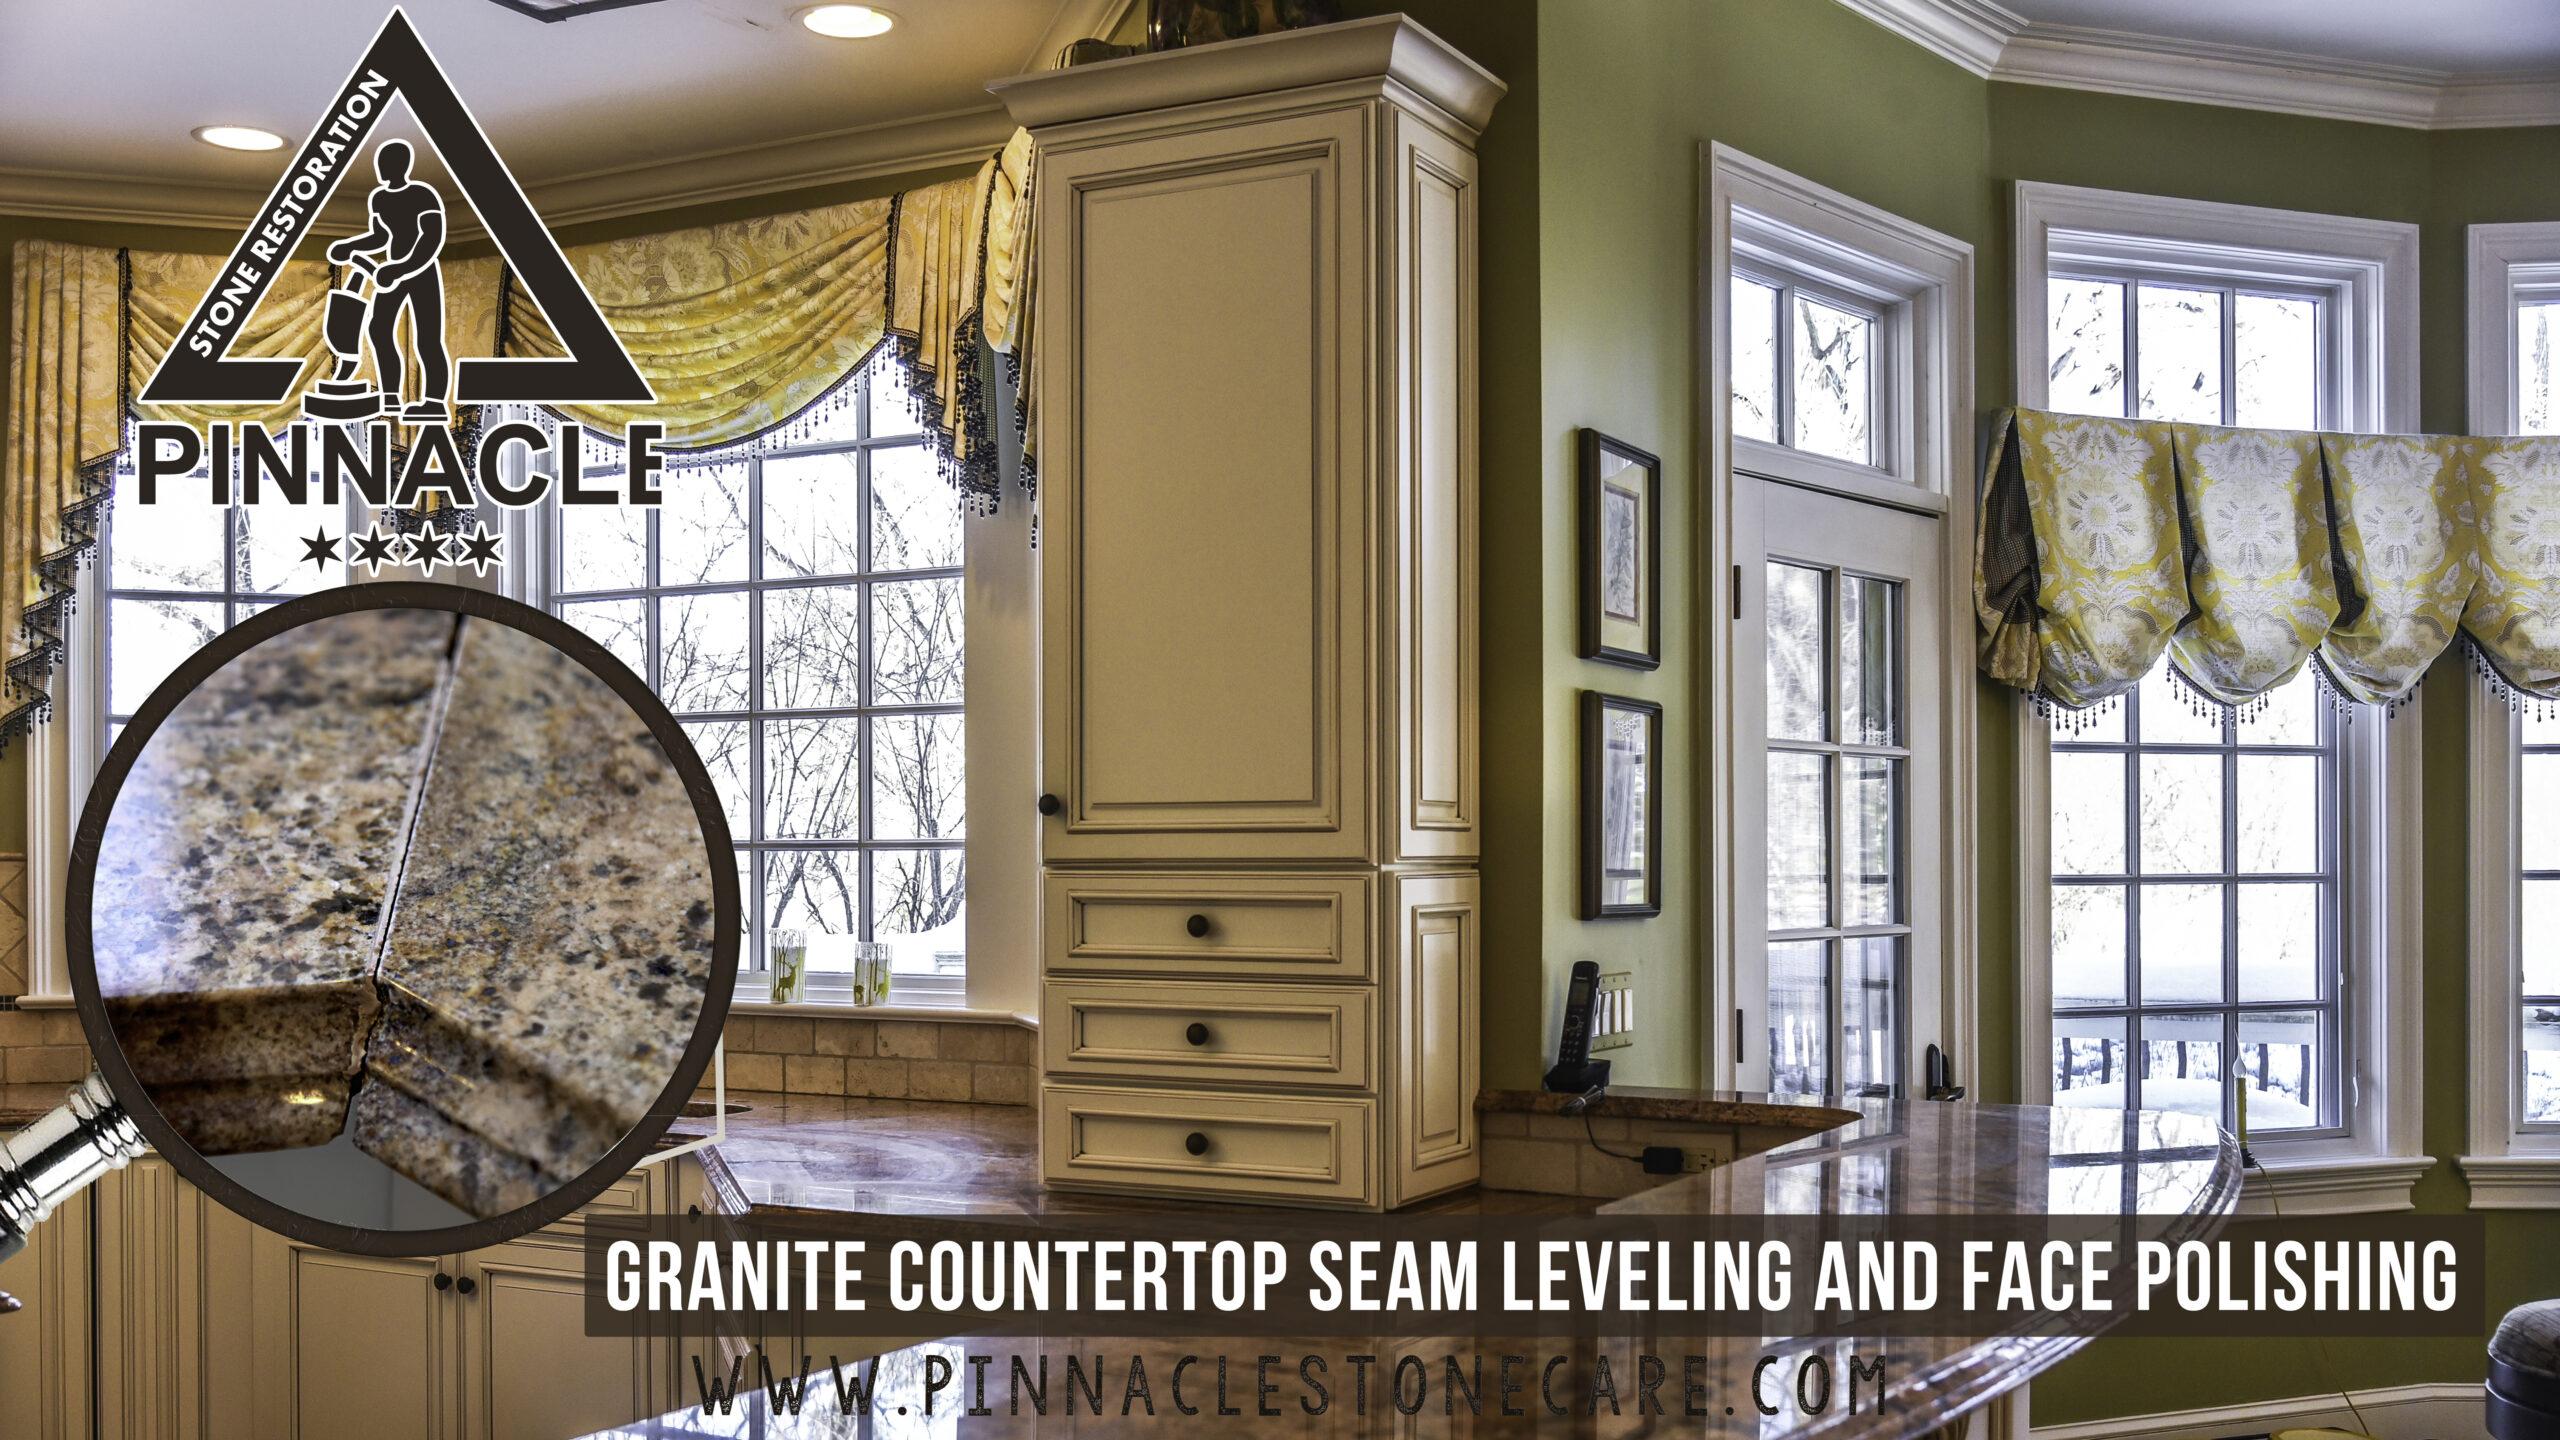 Granite Countertop Seam Leveling – Lippage Removal